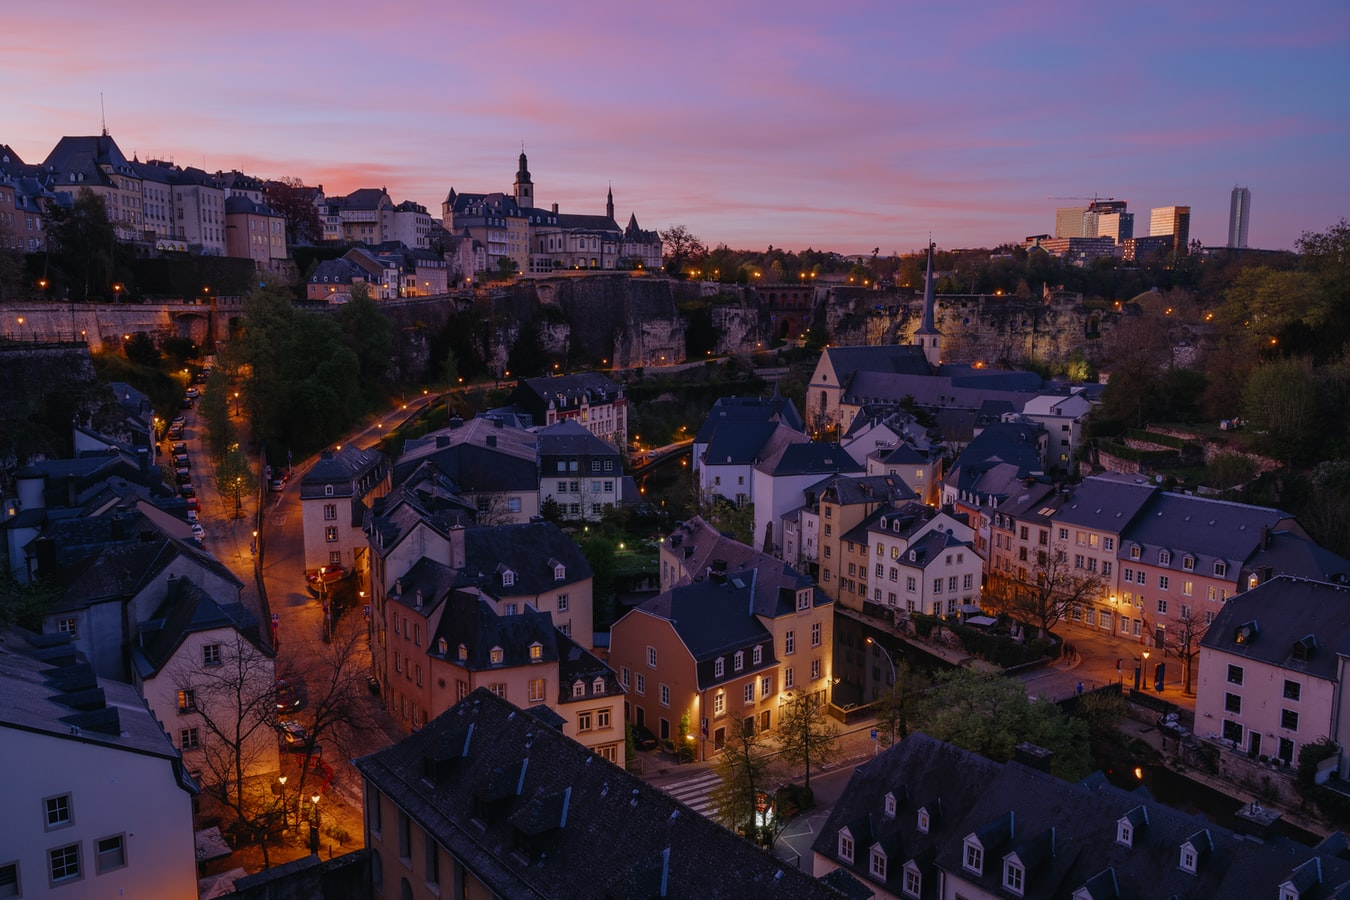 Stadtansicht von Luxemburg im Sonnenuntergang